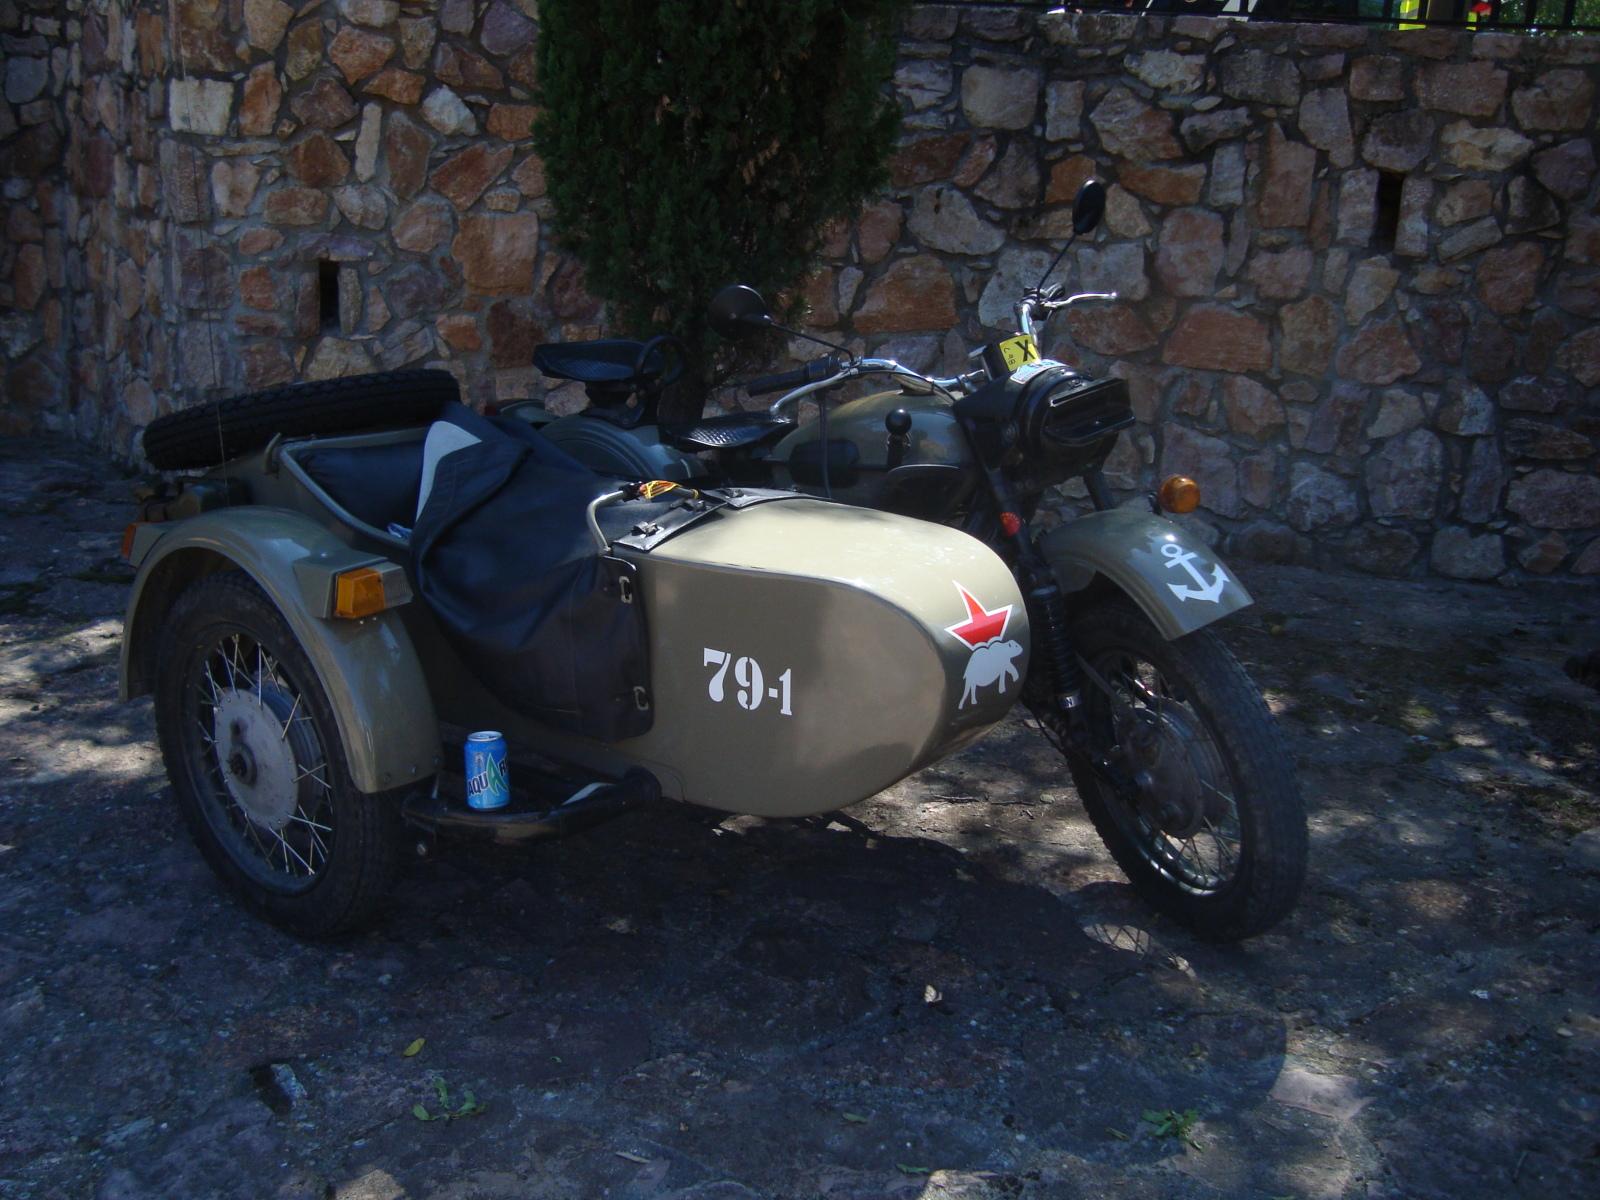 XI concentracion de motos antiguas en Alberuela de tubo (Huesca) 2ibm71d